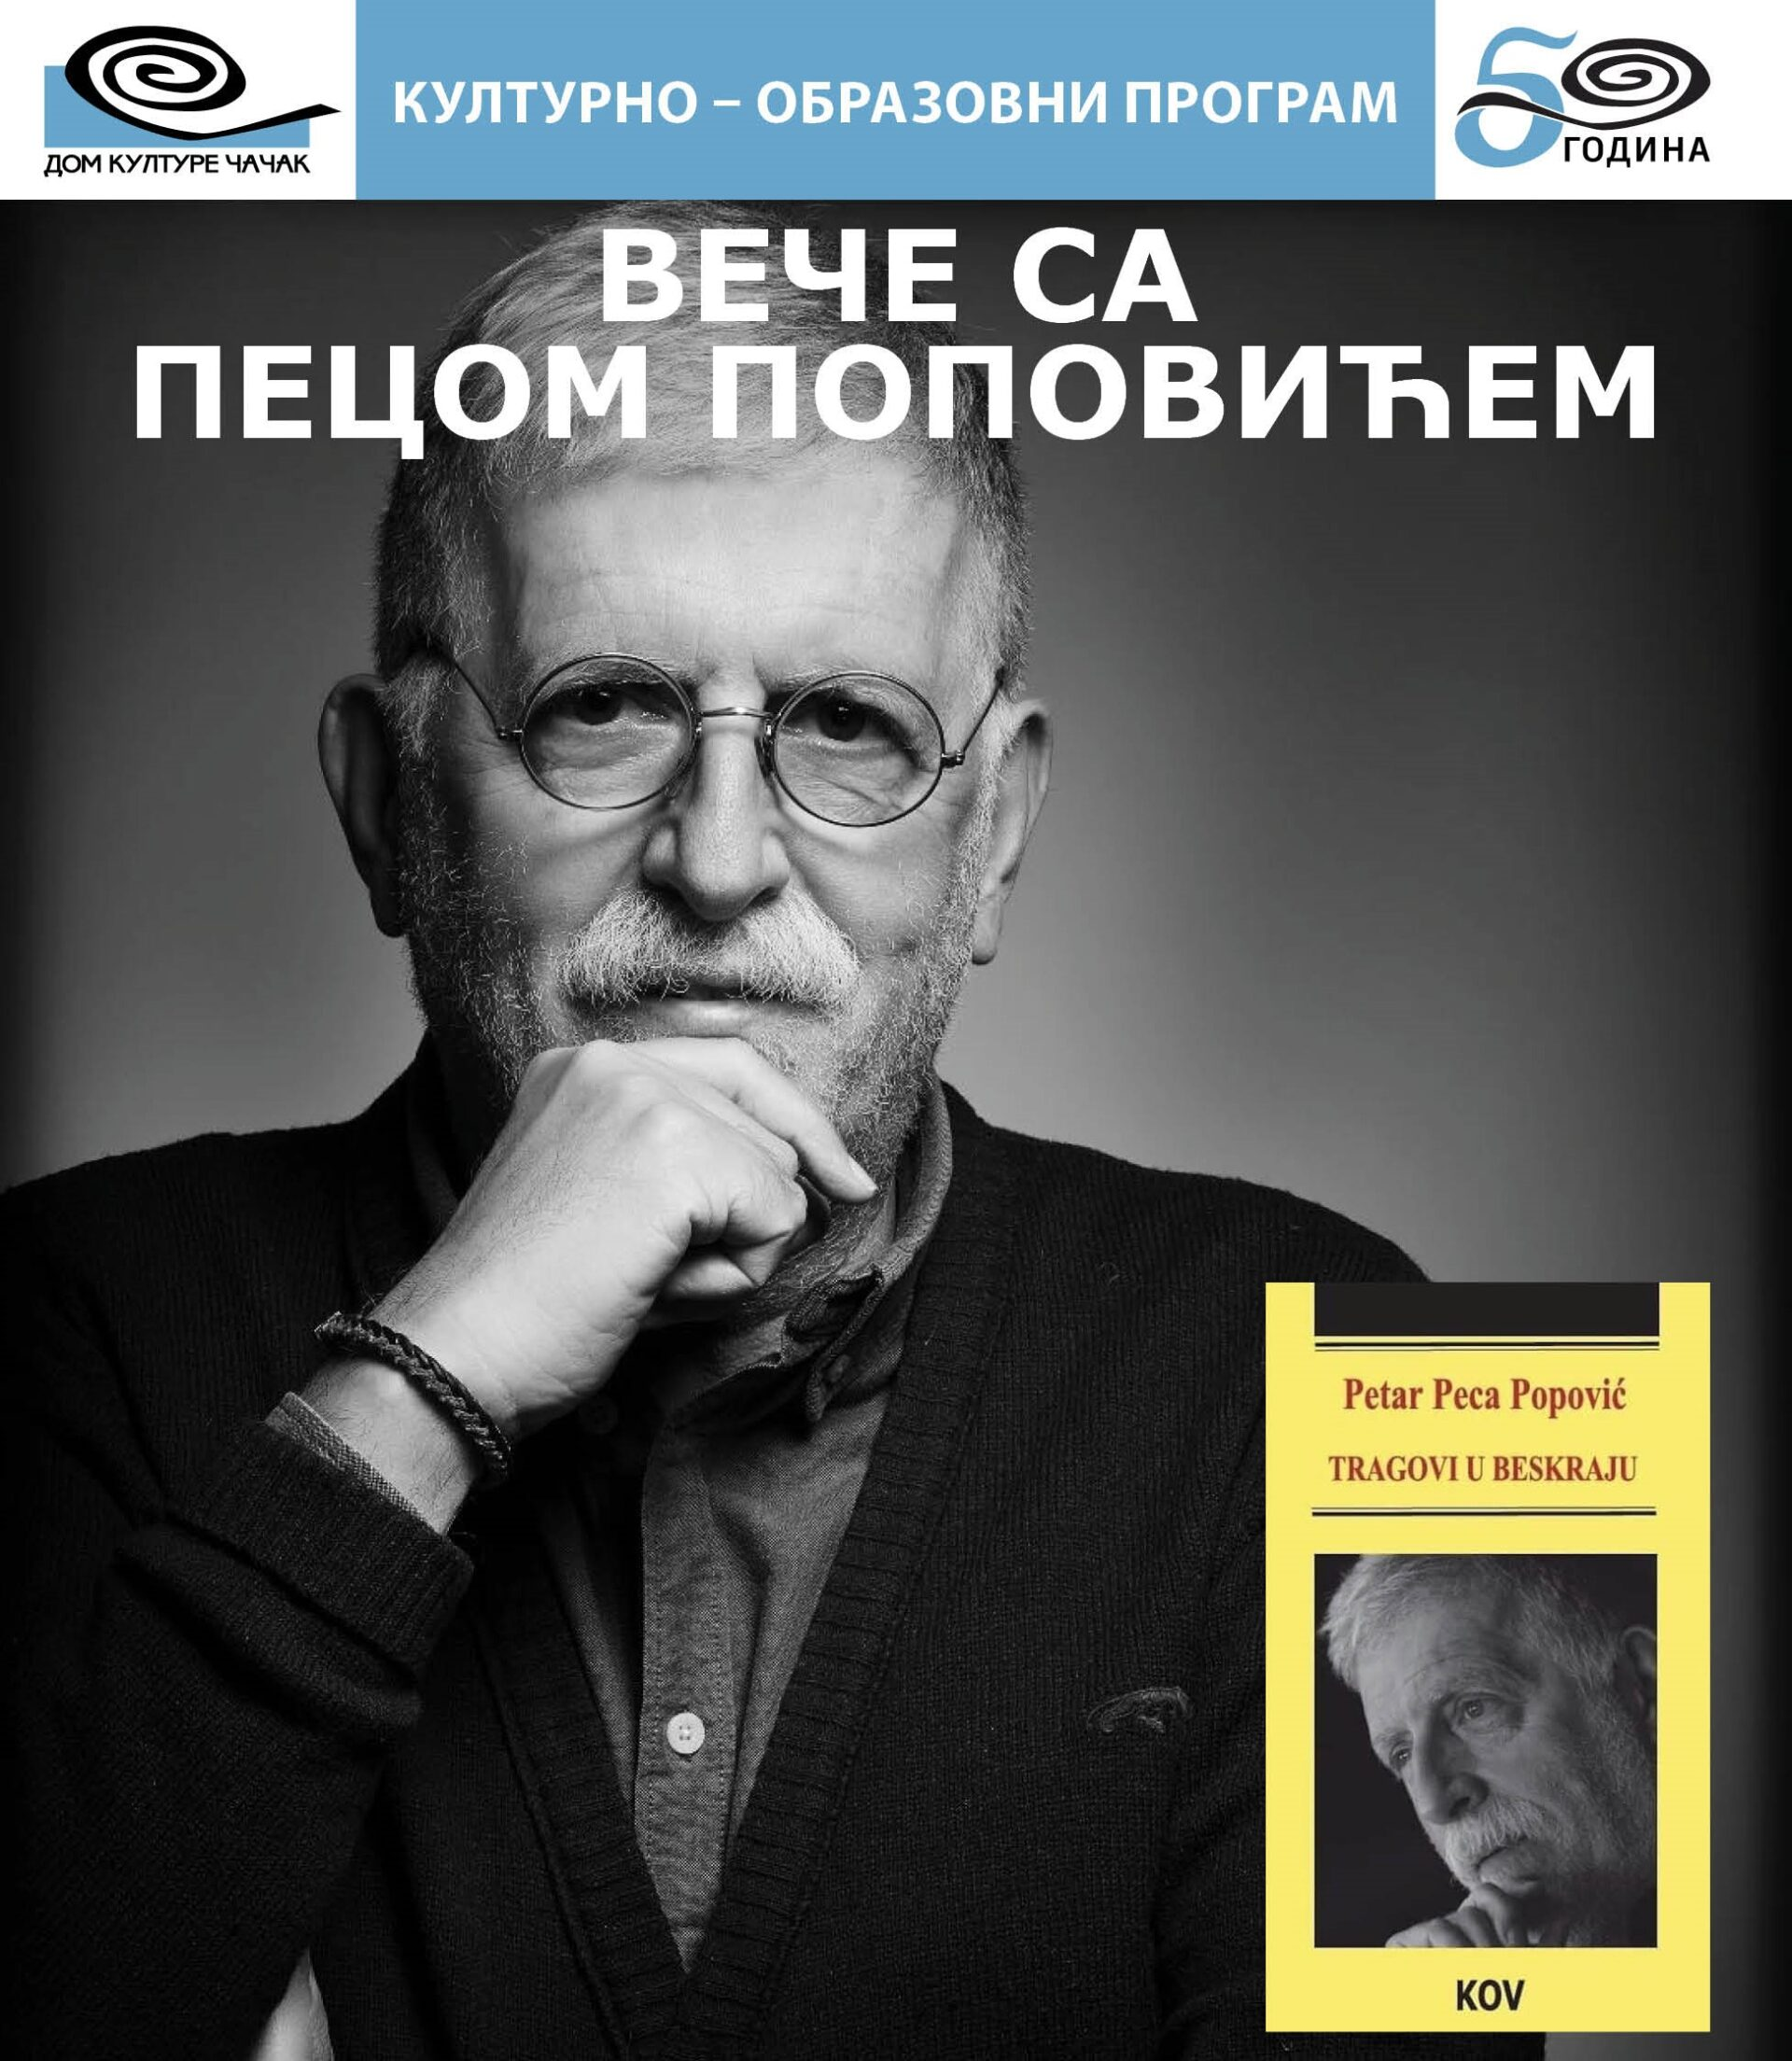 Veče sa Pecom Popovićem u petak u Domu kulture